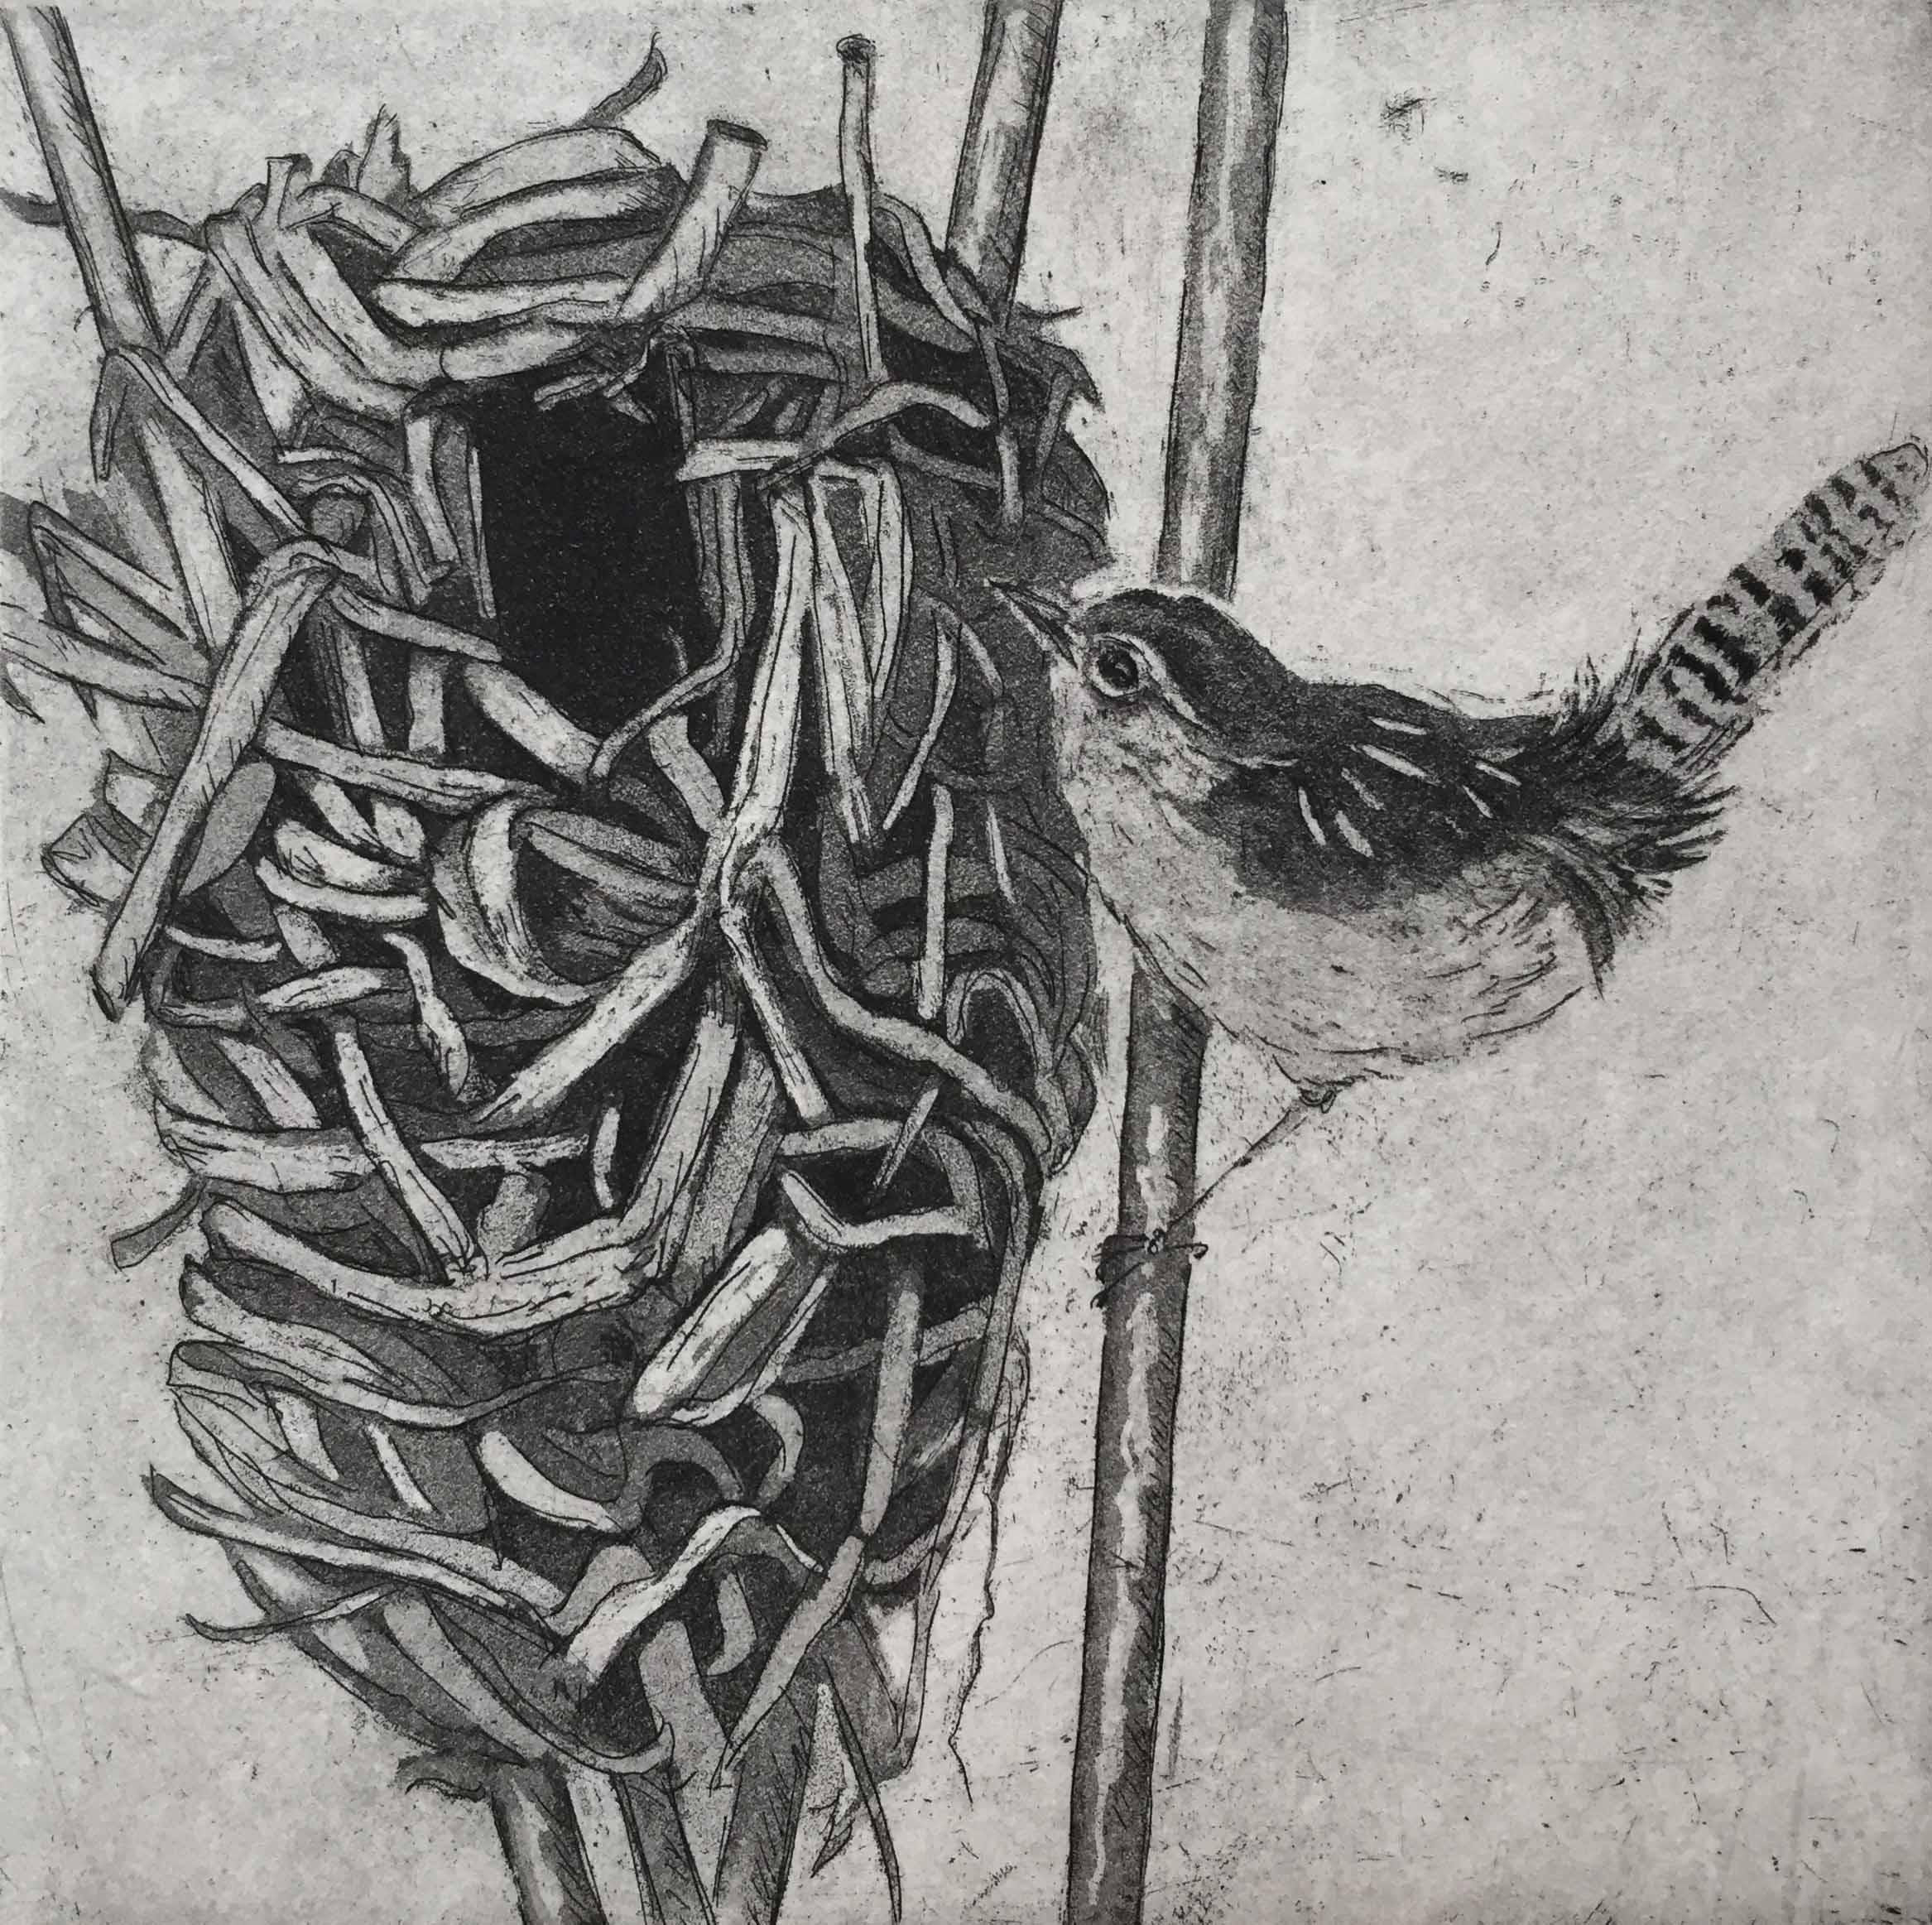 Marsh Wren Nest